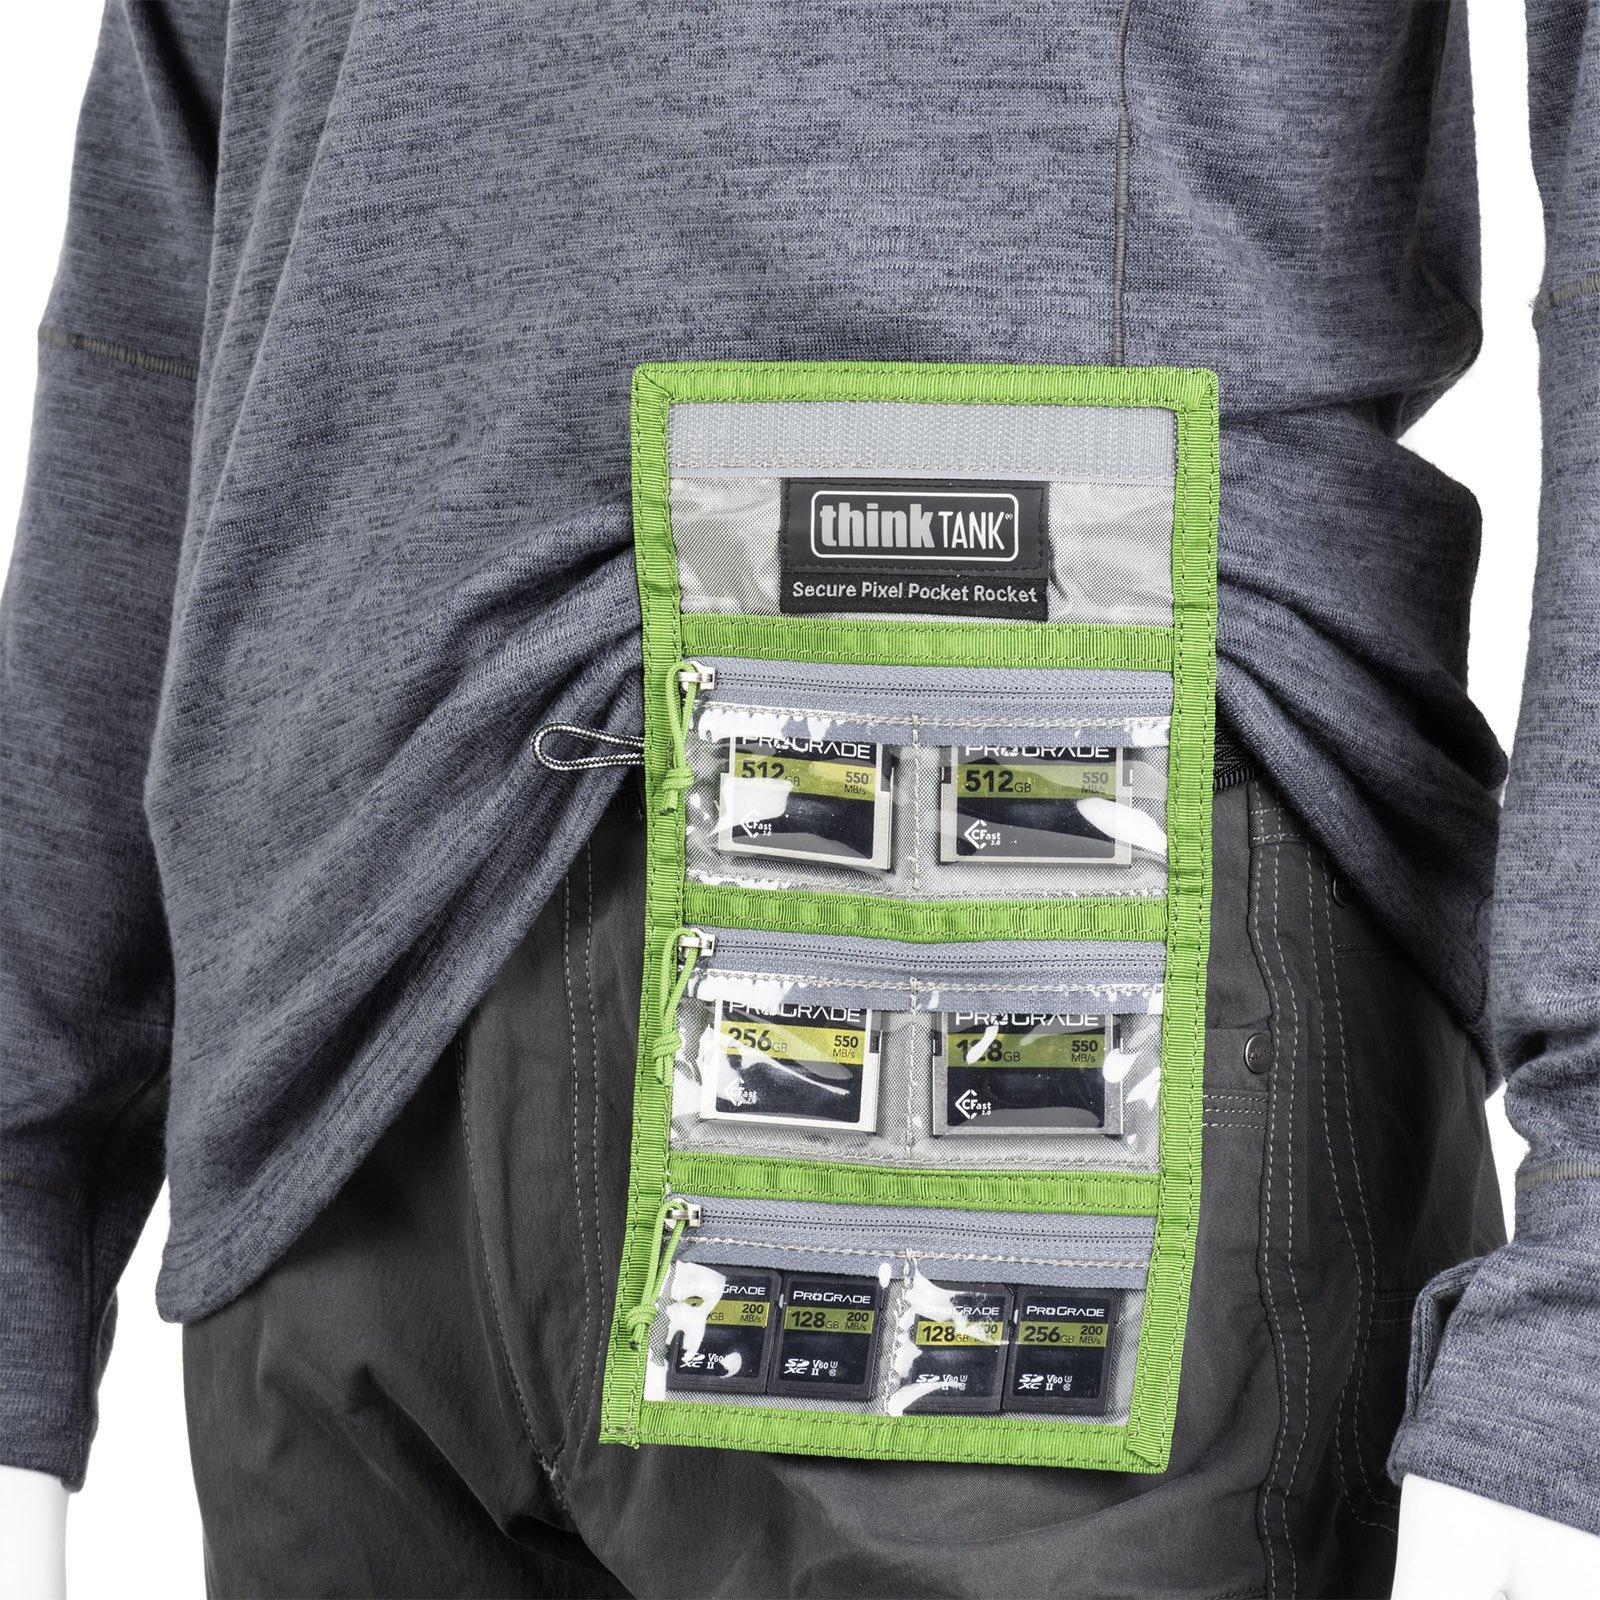 Ví đựng thẻ nhớ Think Tank Secure Pixel Pocket Rocket - Hàng chính hãng |  Digiworldhanoi | Tiki